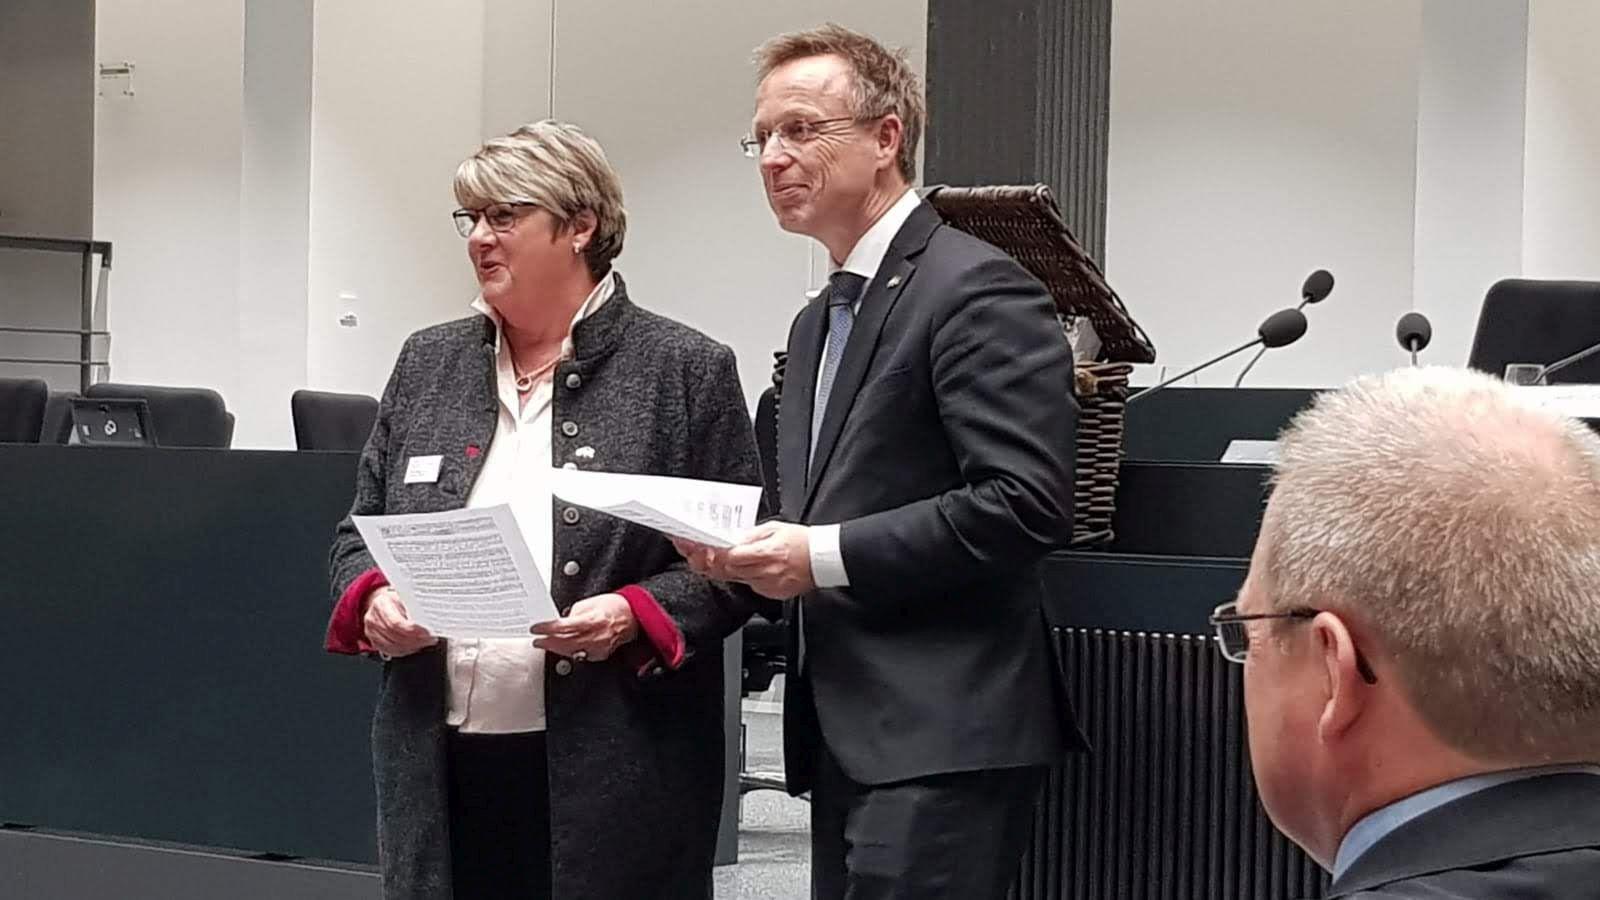 Succesvolle ontmoeting Nederlandse provincies en deelstaat Nedersaksen